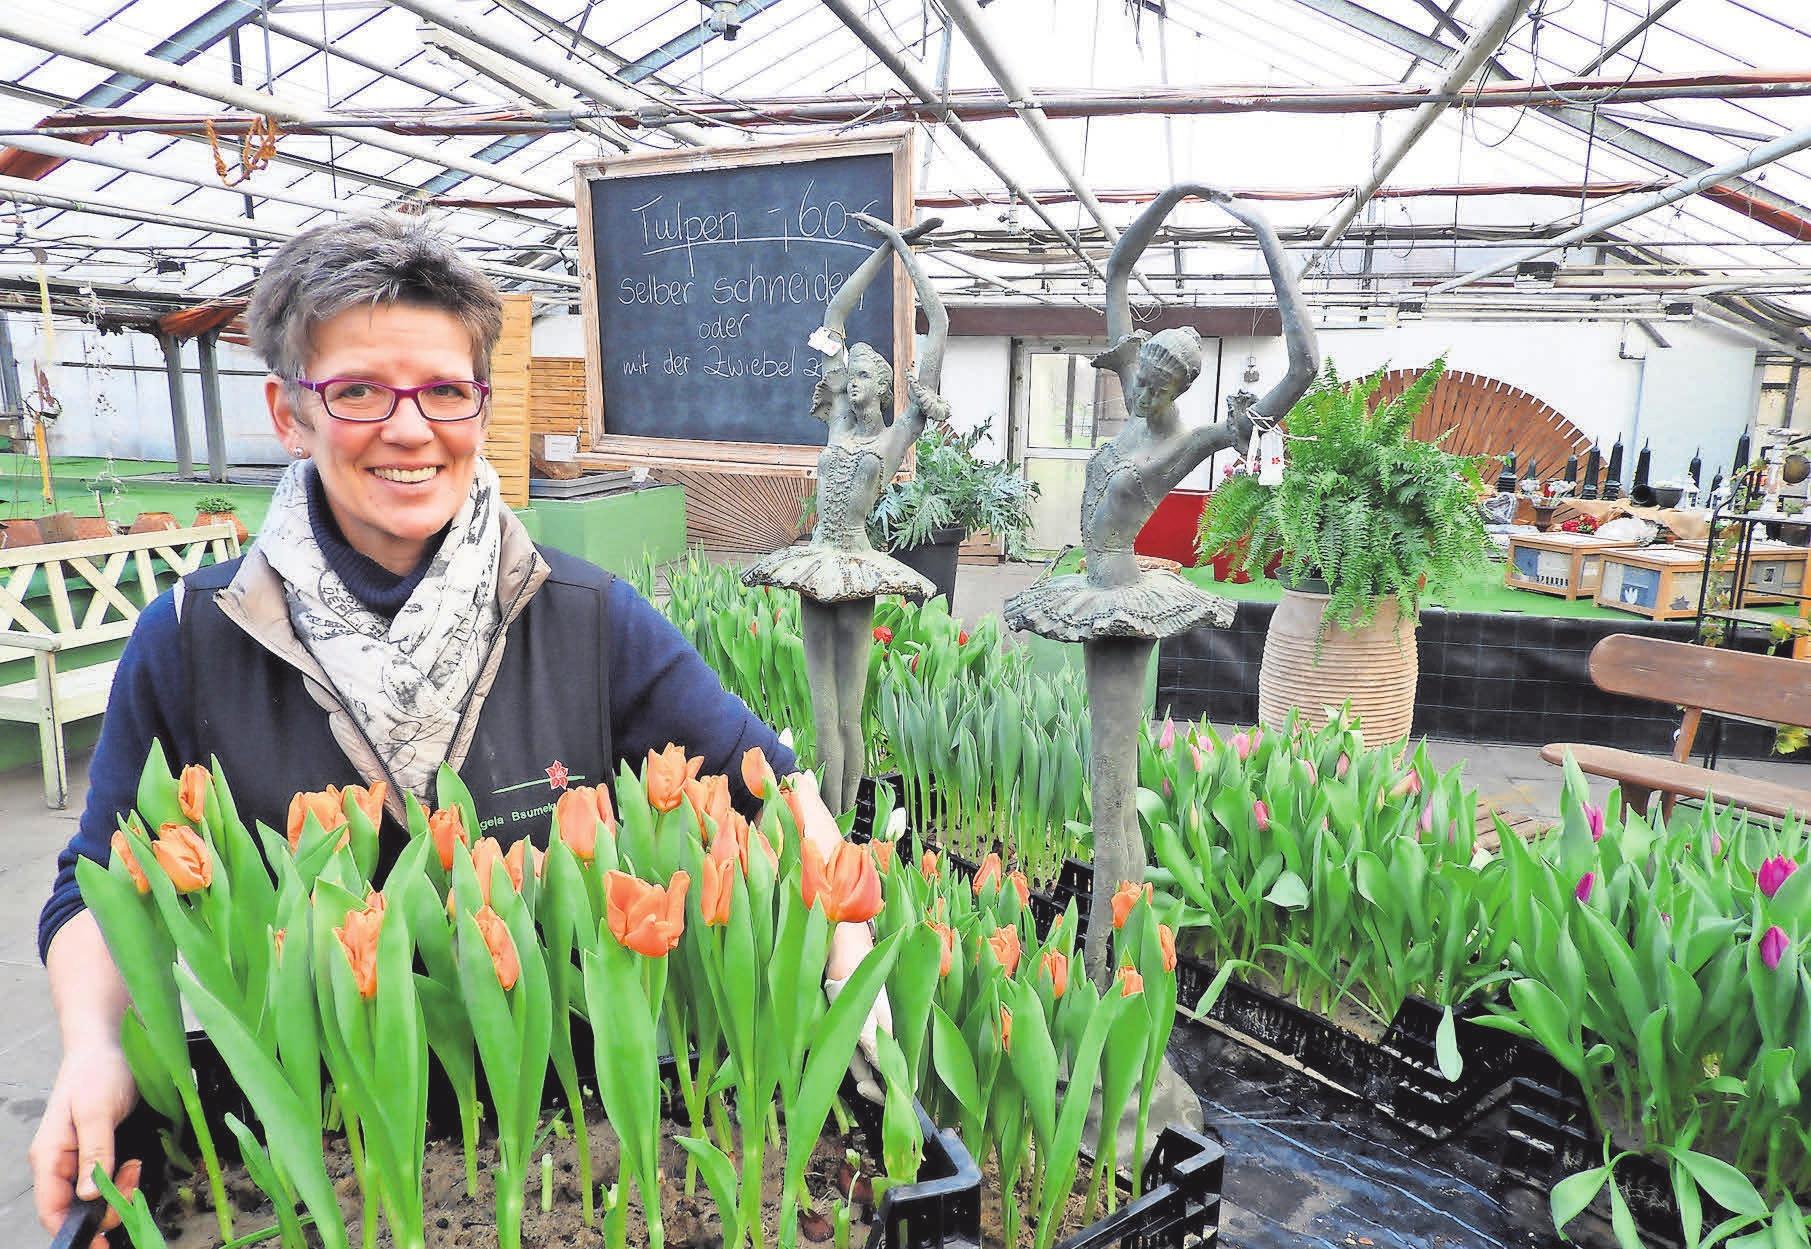 Angela Bsumek freut sich über die große Auswahl der Tulpen - zum Selbstschneiden.